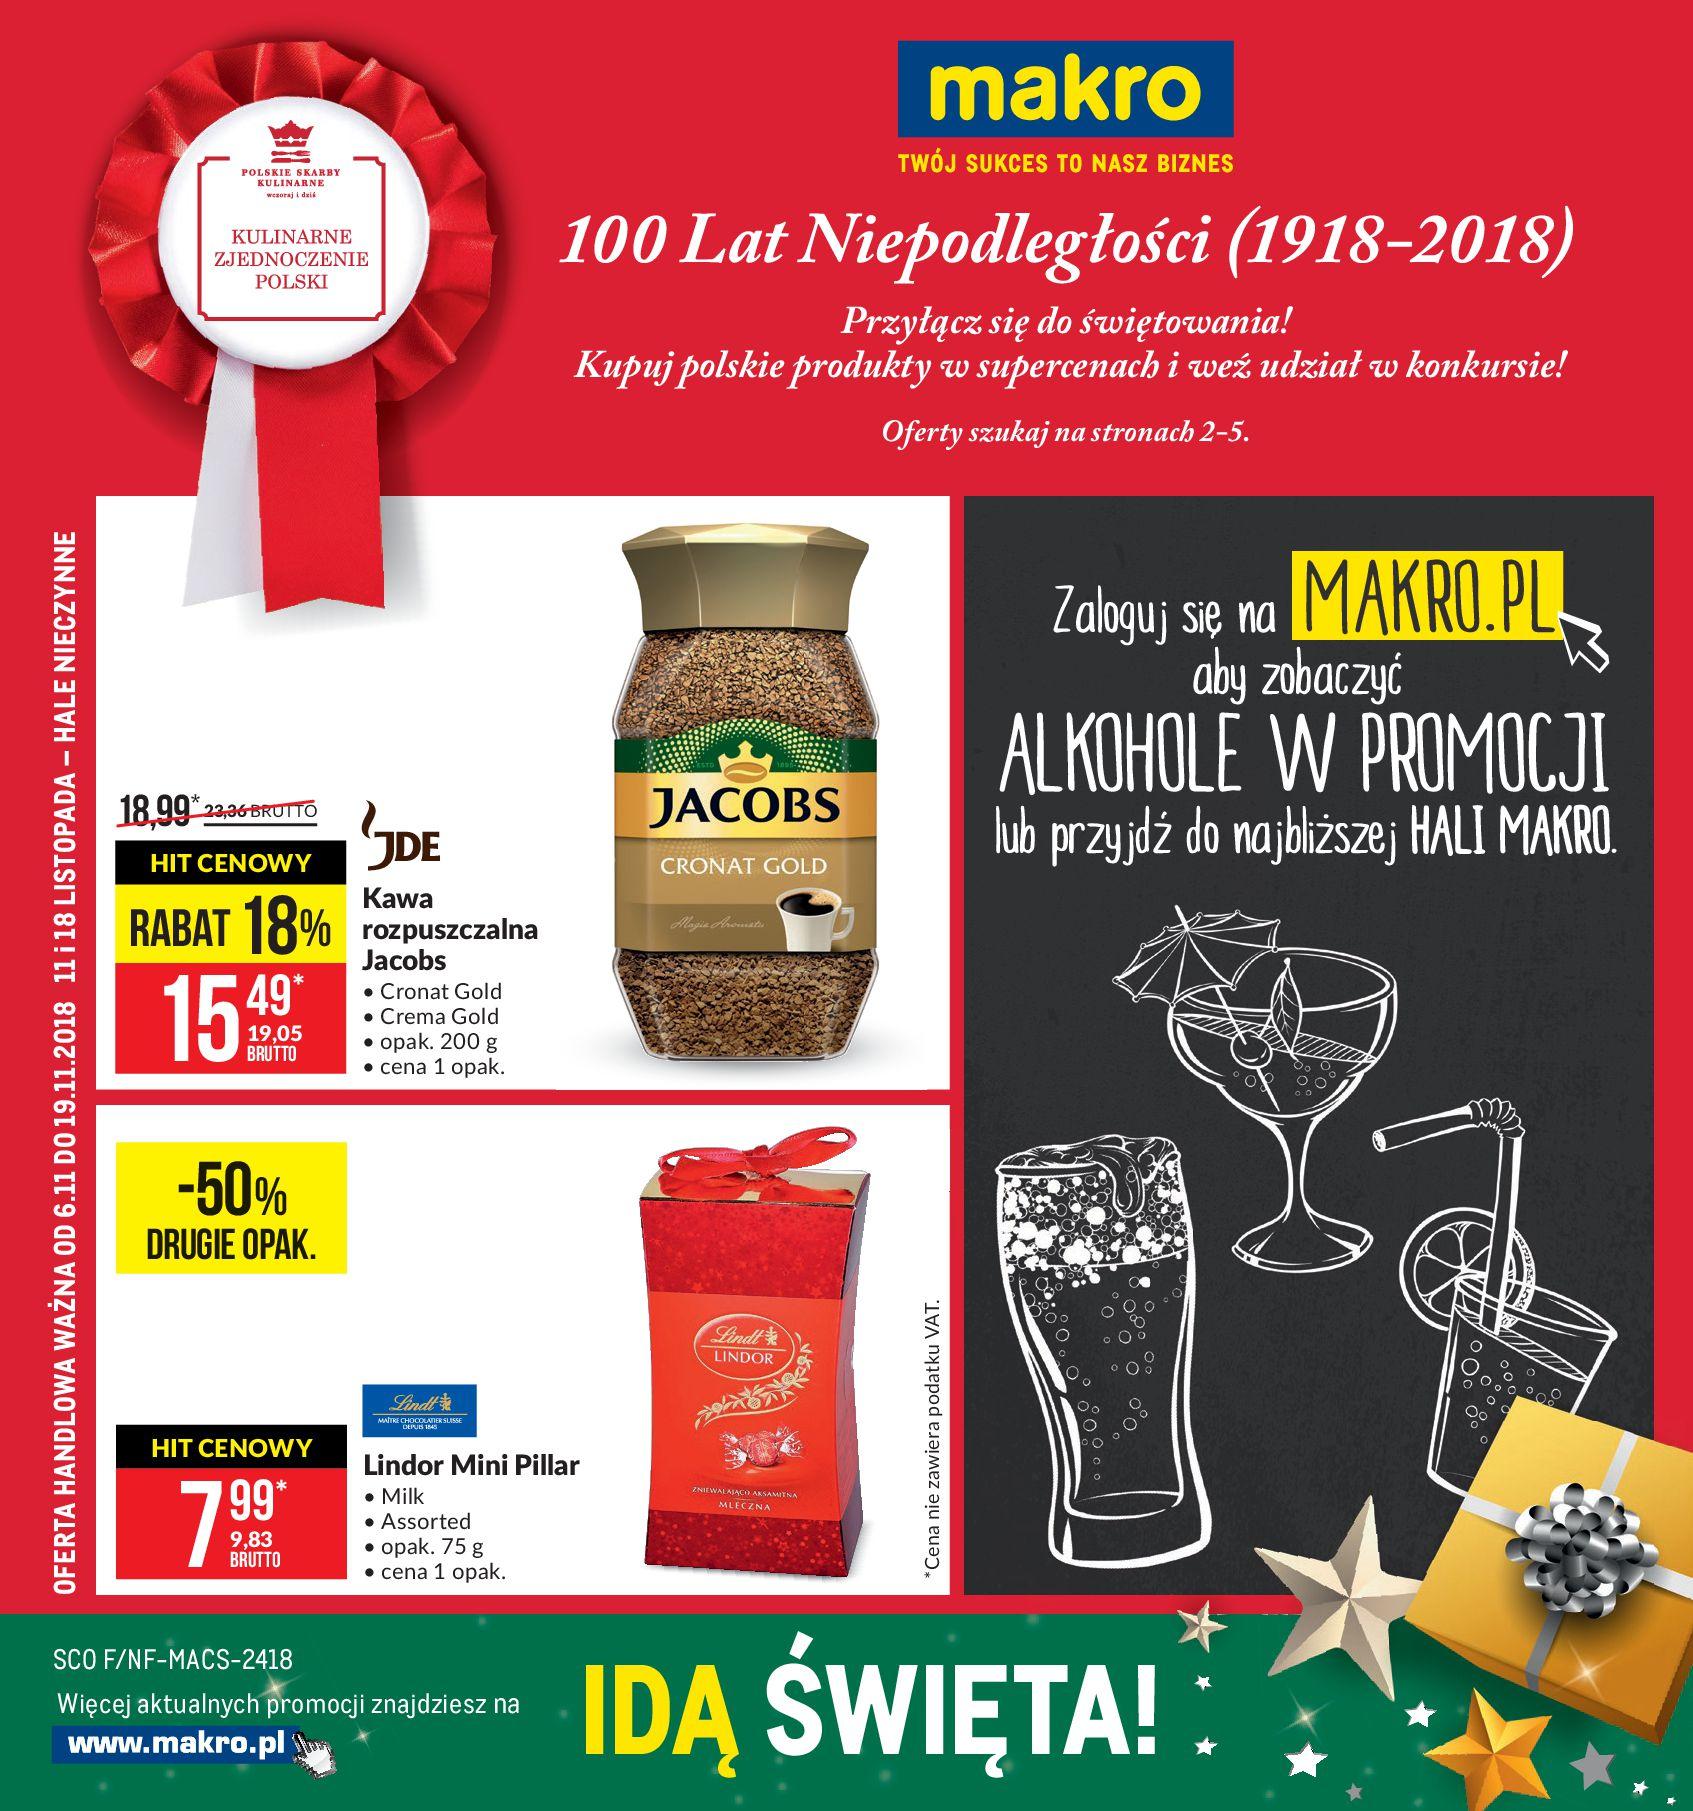 Gazetka Makro - 100 Lat Niepodległości-03.11.2018-19.11.2018-page-